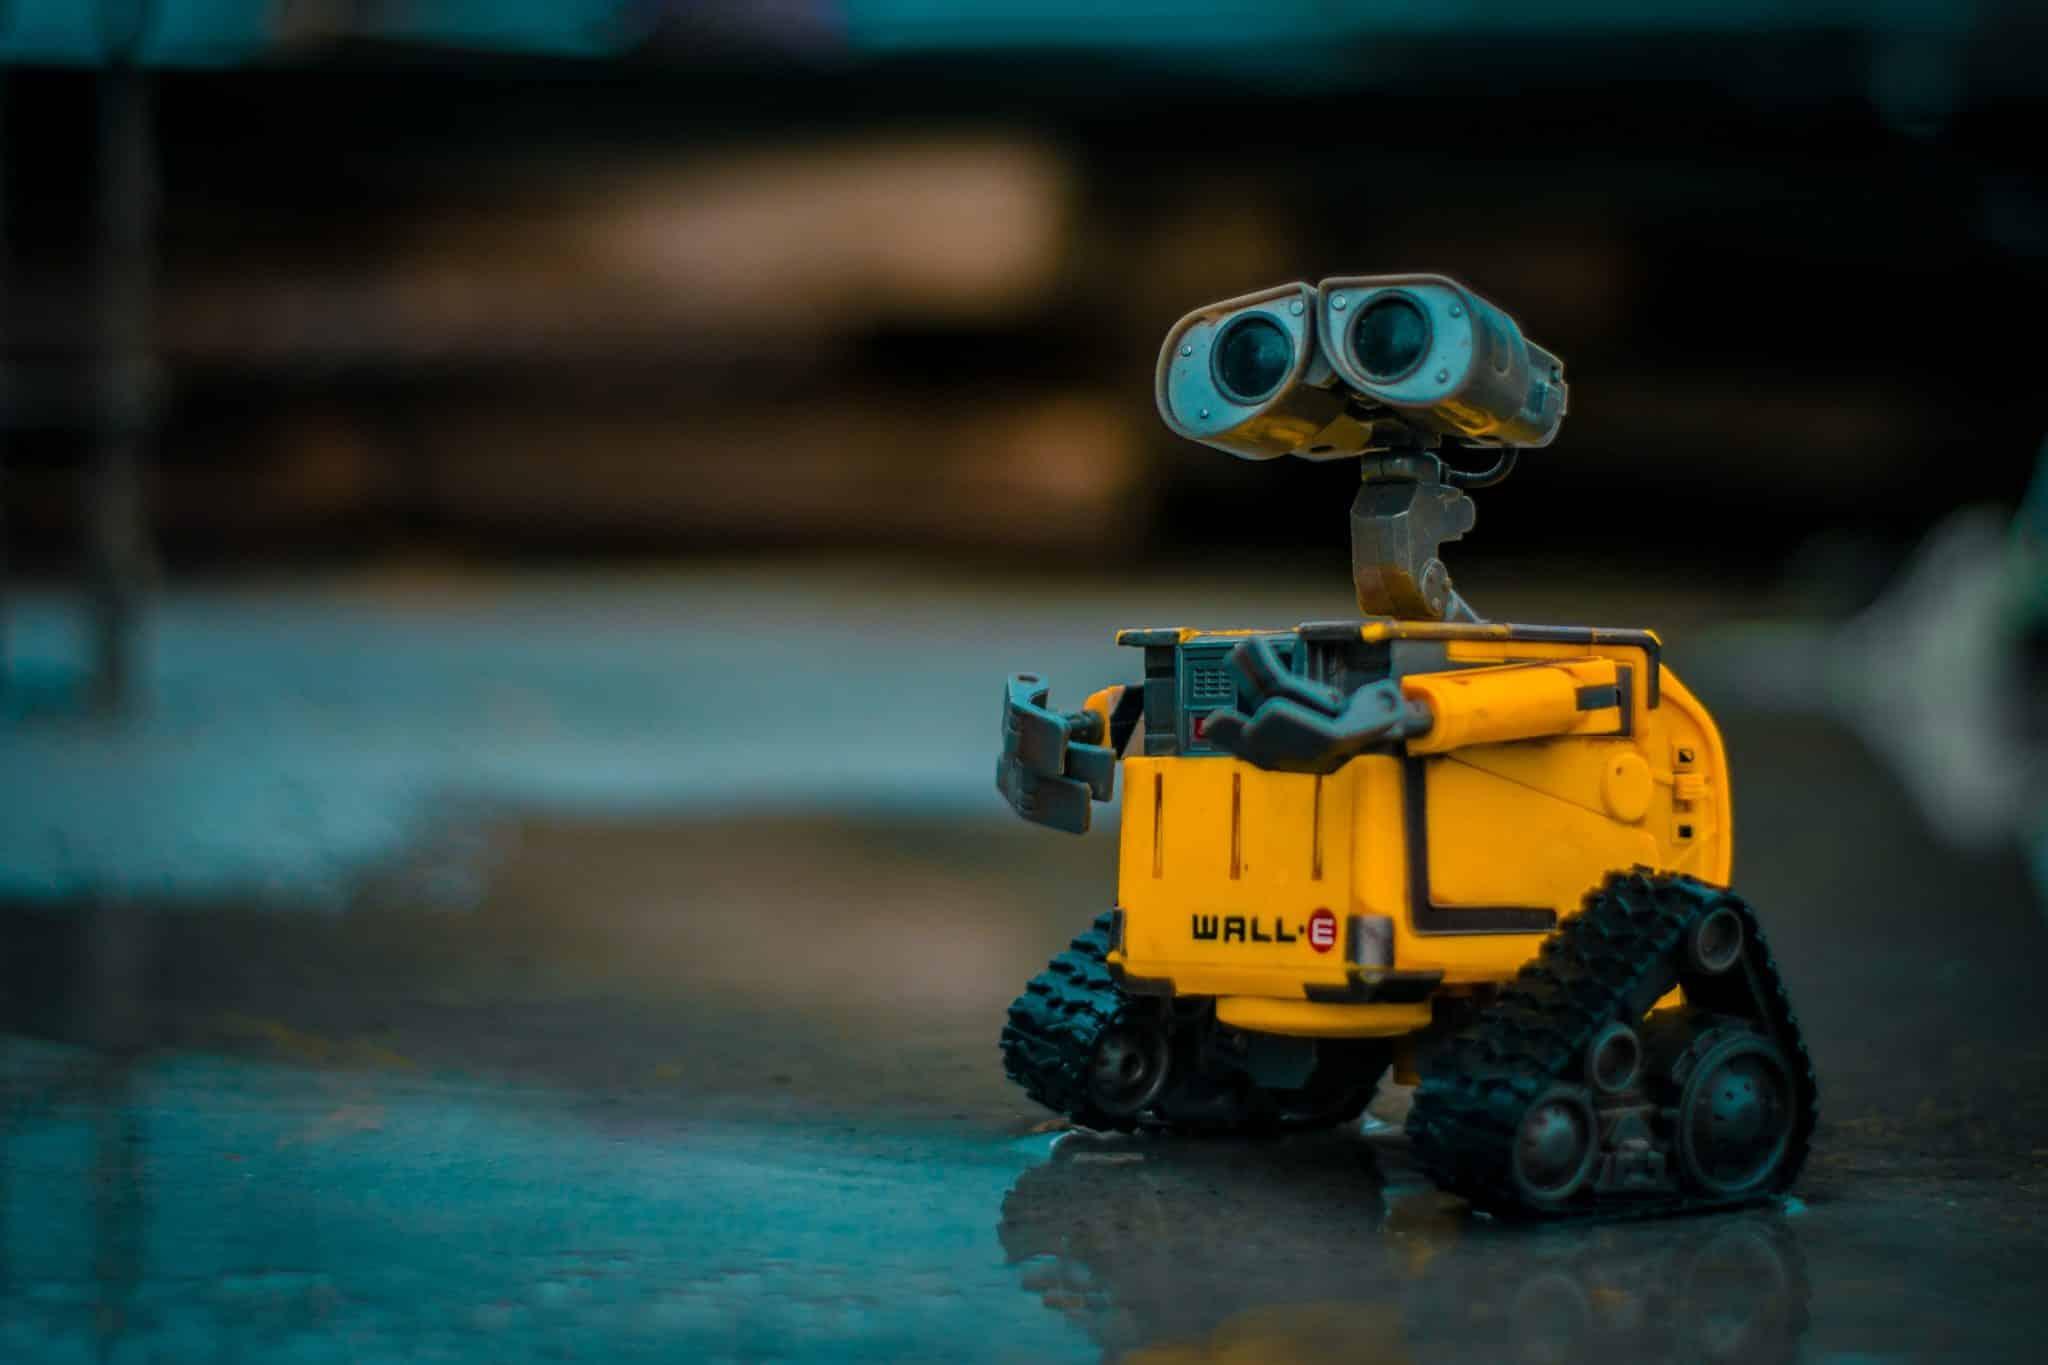 chatbot-wall-e